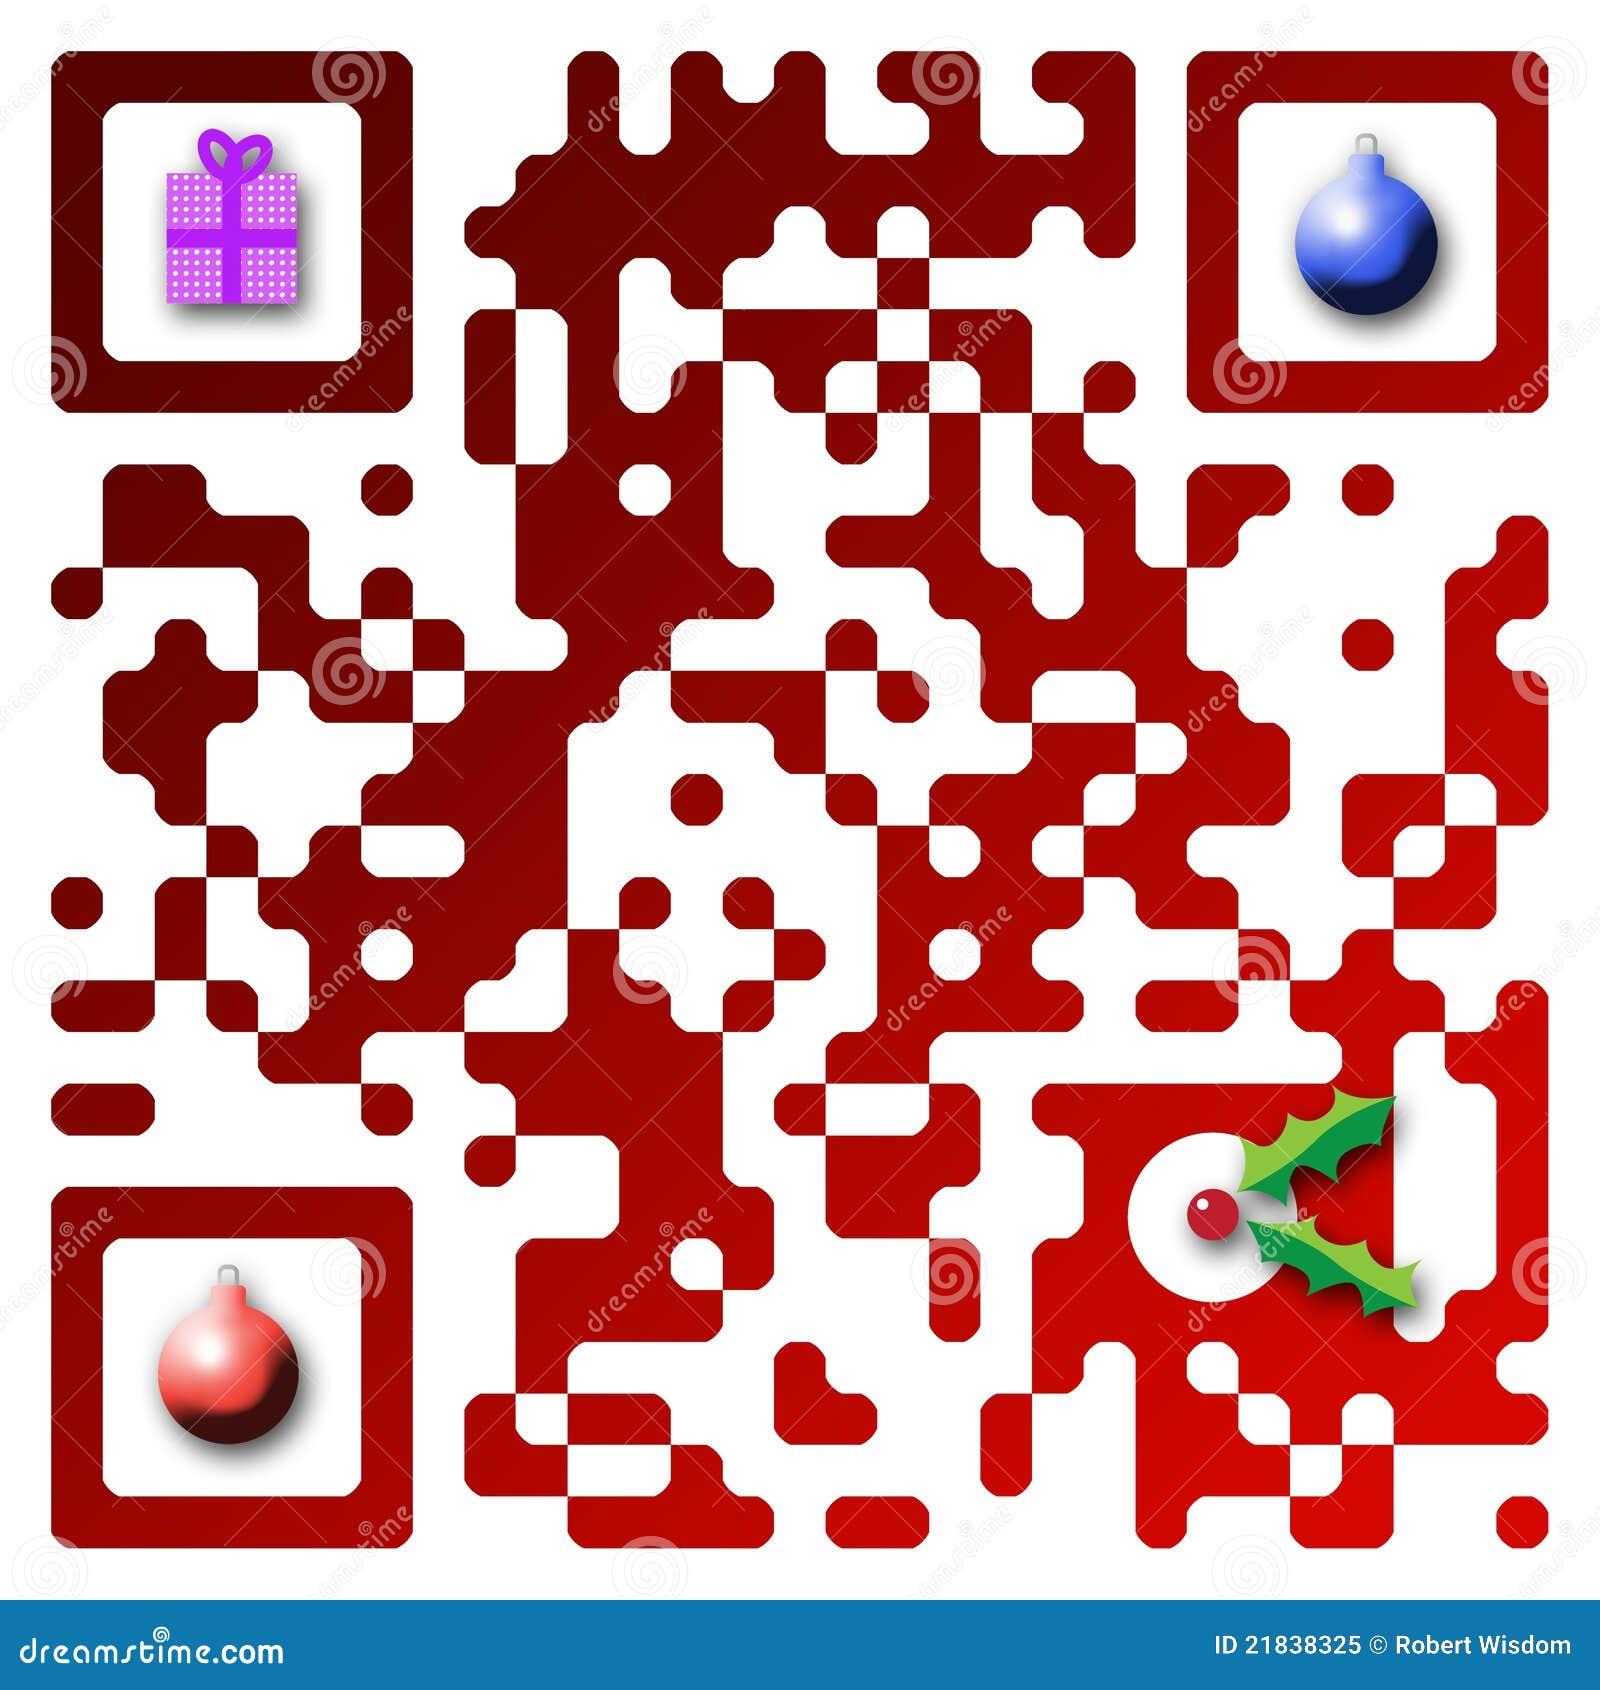 http://thumbs.dreamstime.com/z/code-du-joyeux-no%C3%ABl-qr-21838325.jpg